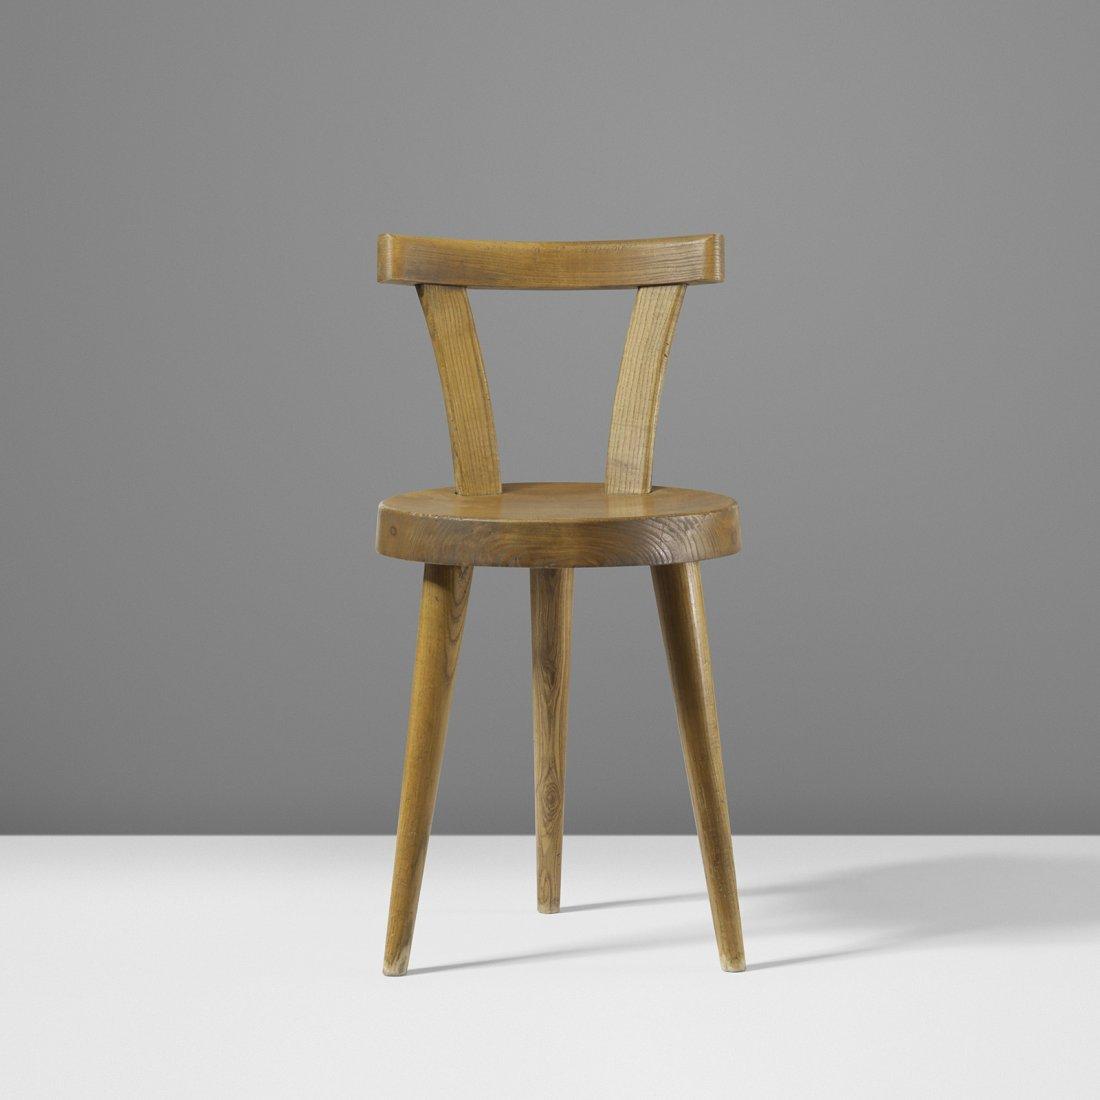 Charlotte Perriand three legged chair